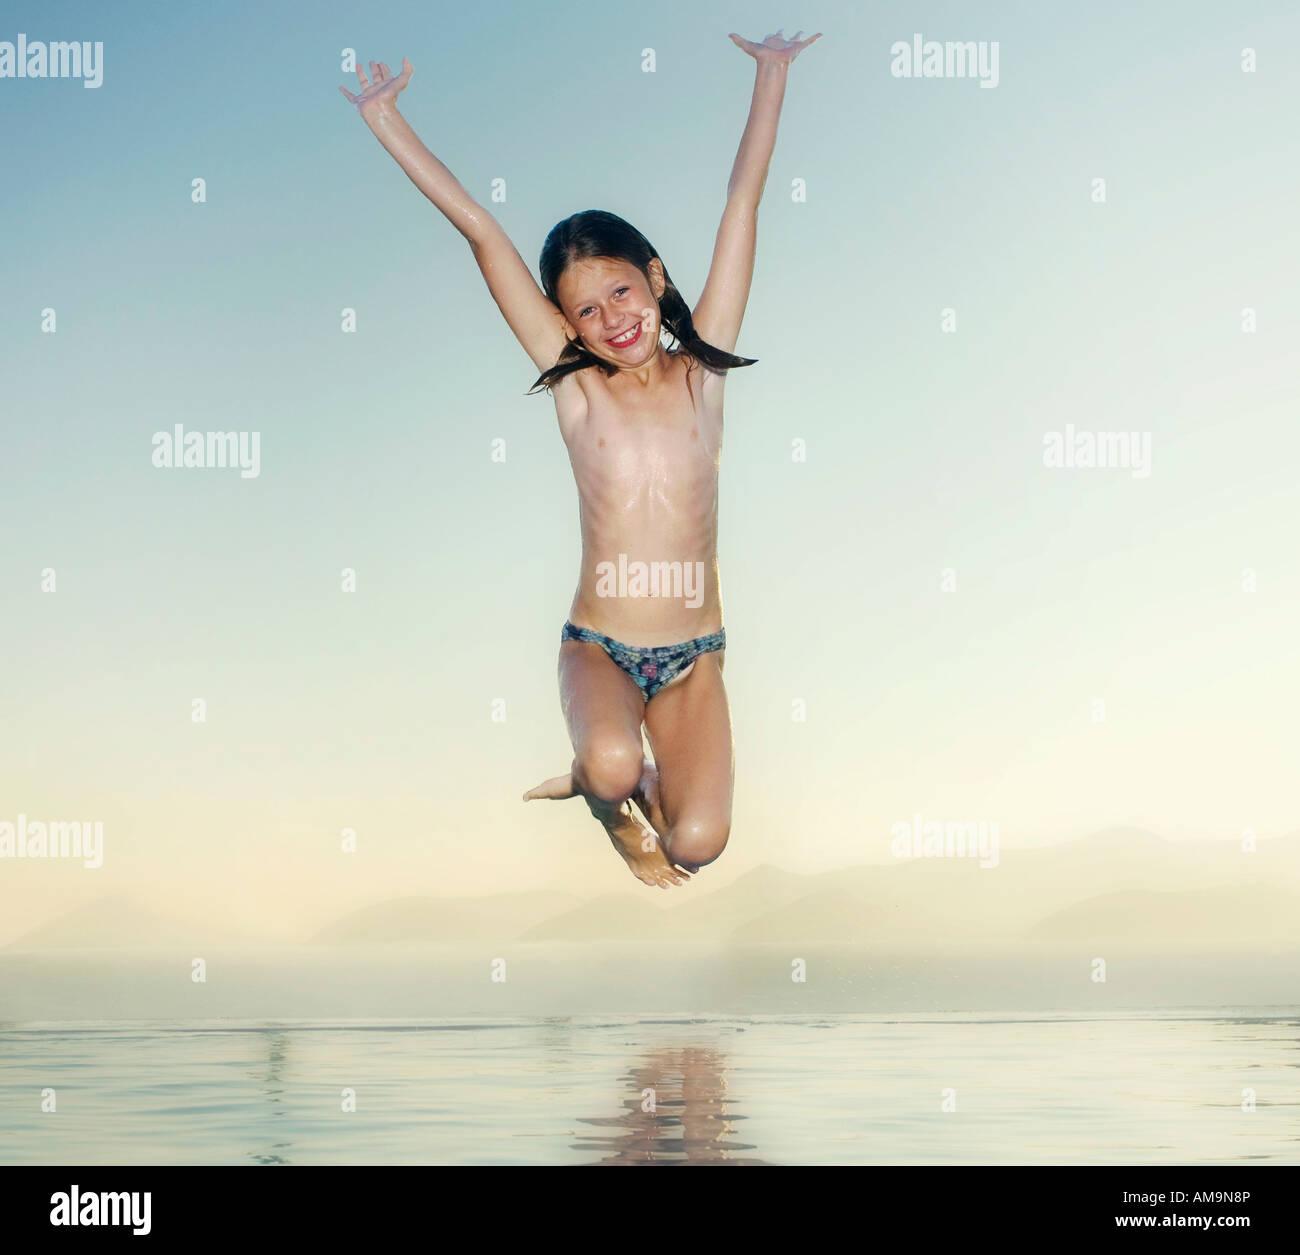 young nude bahamas girl